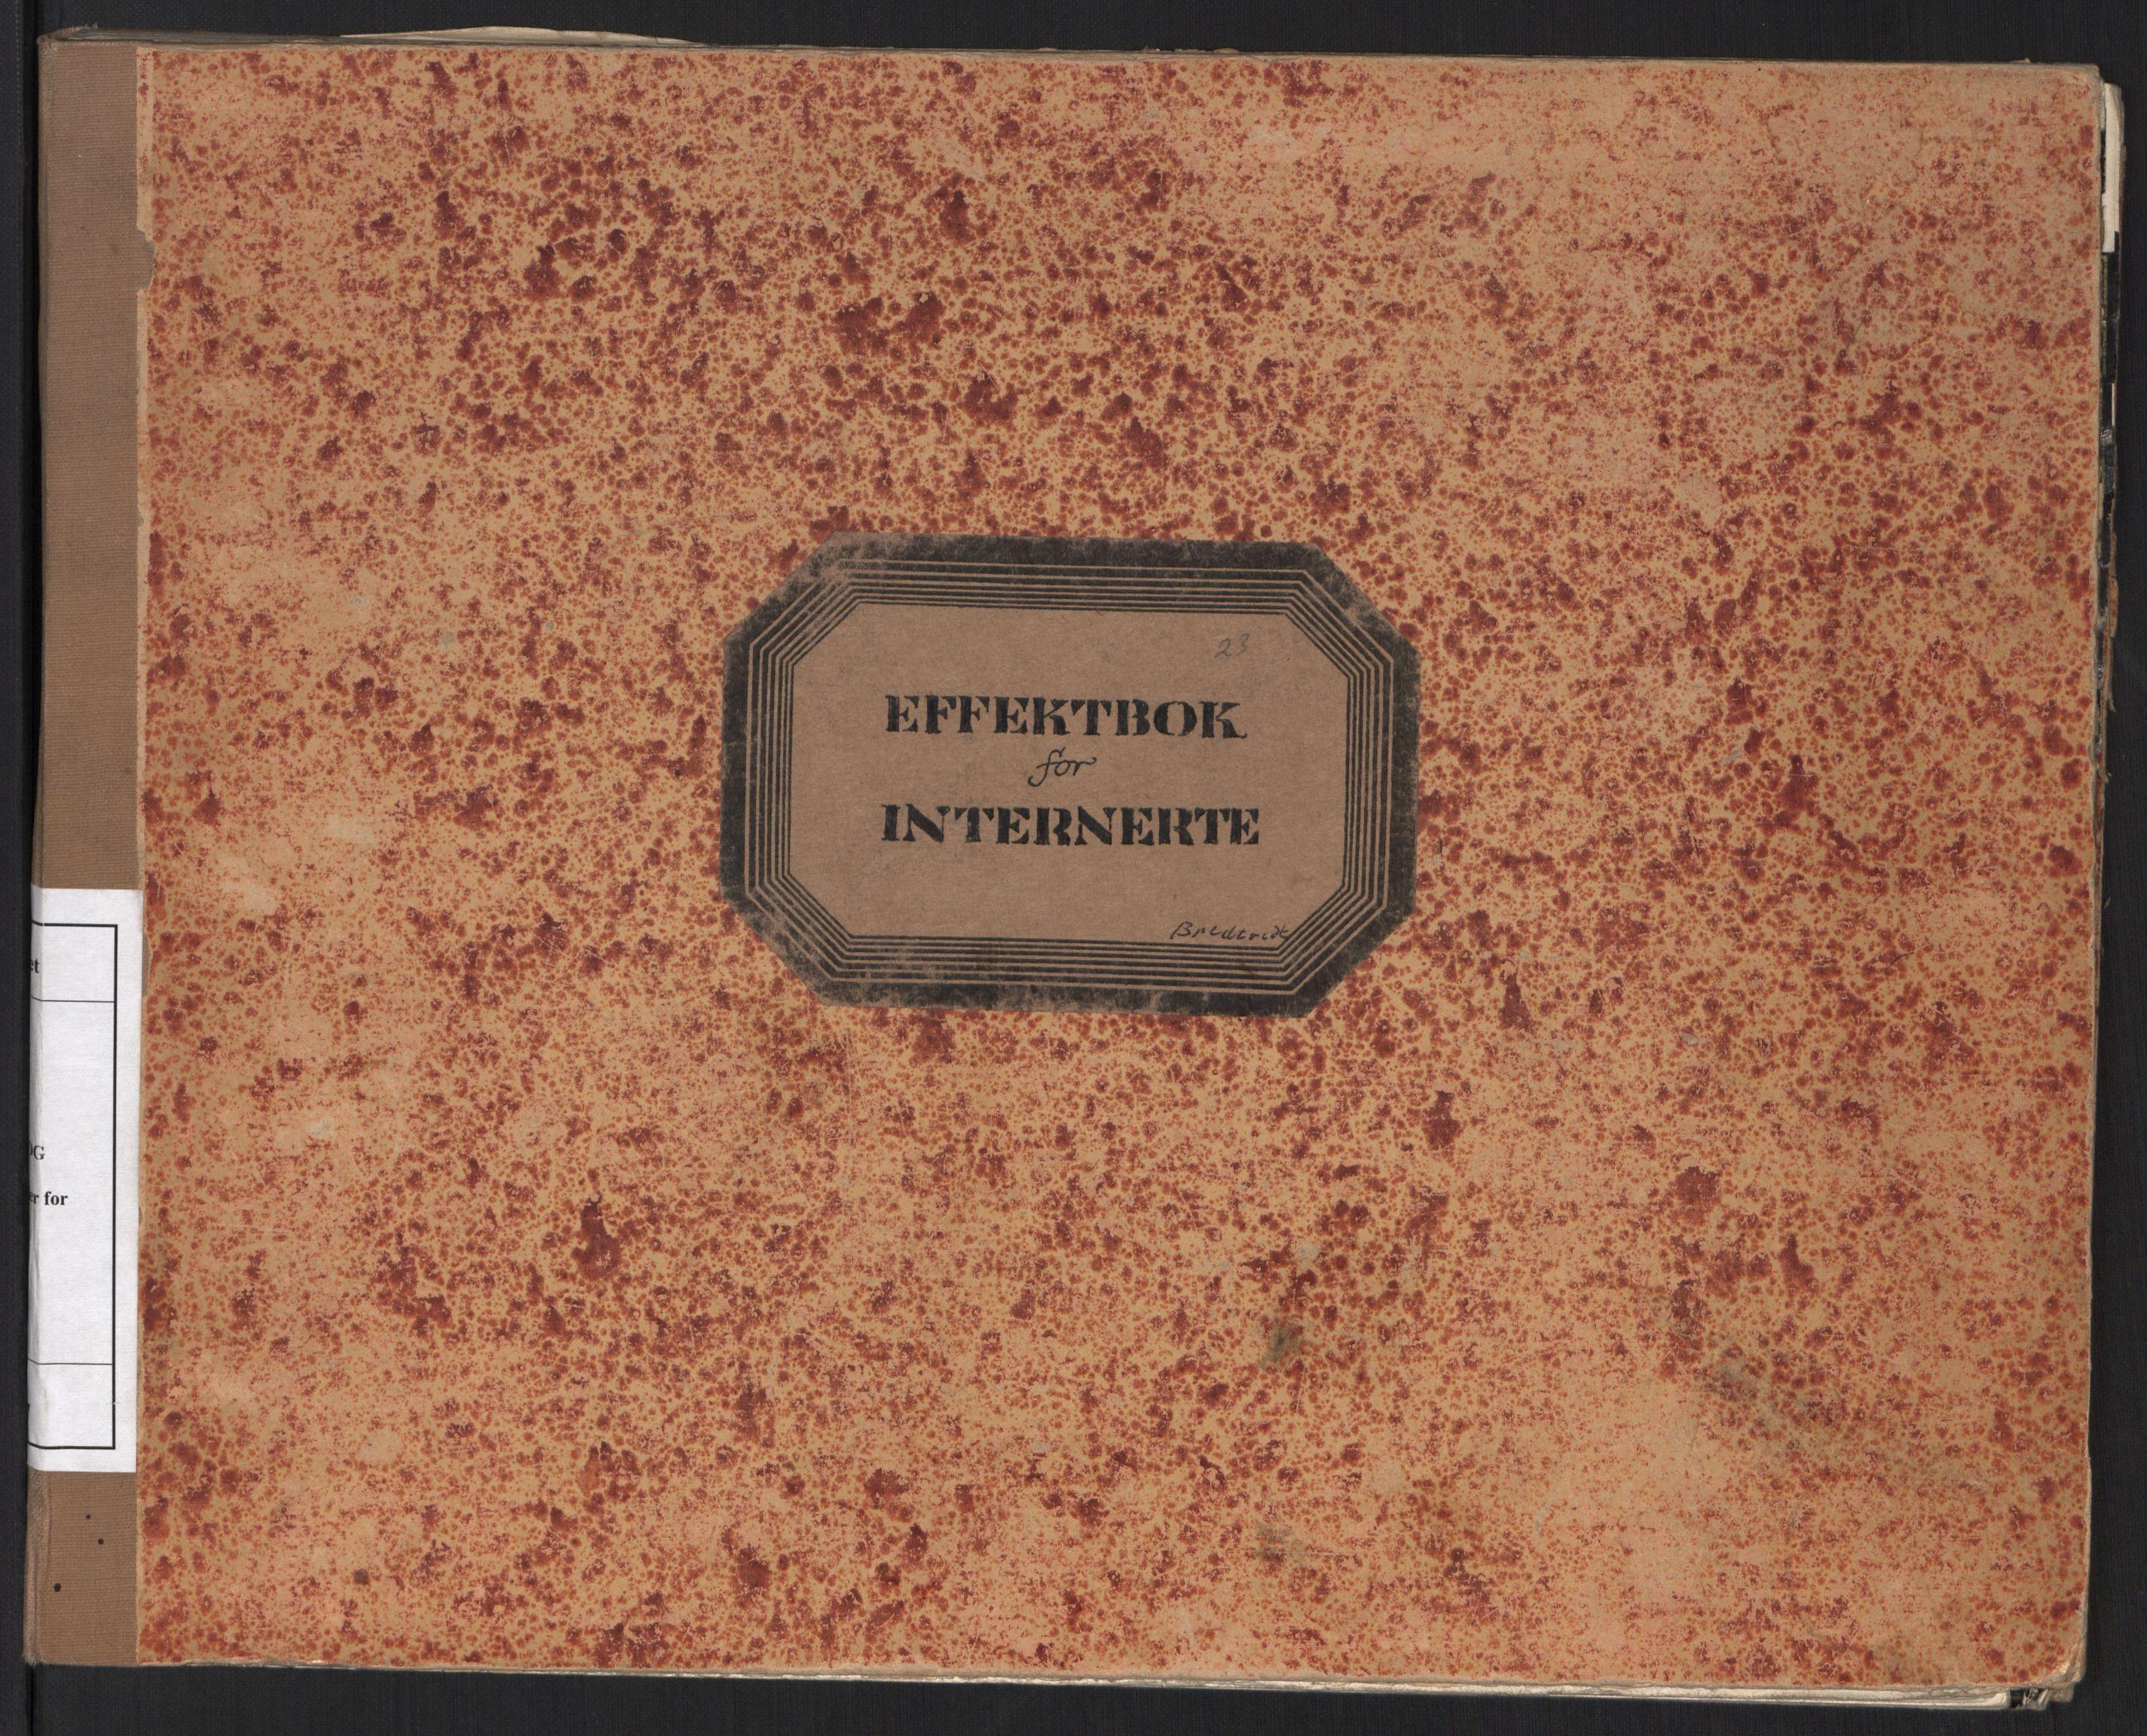 RA, Statspolitiet - Hovedkontoret / Osloavdelingen, C/Cl/L0017: Effektbok for internerte, 1941-1945